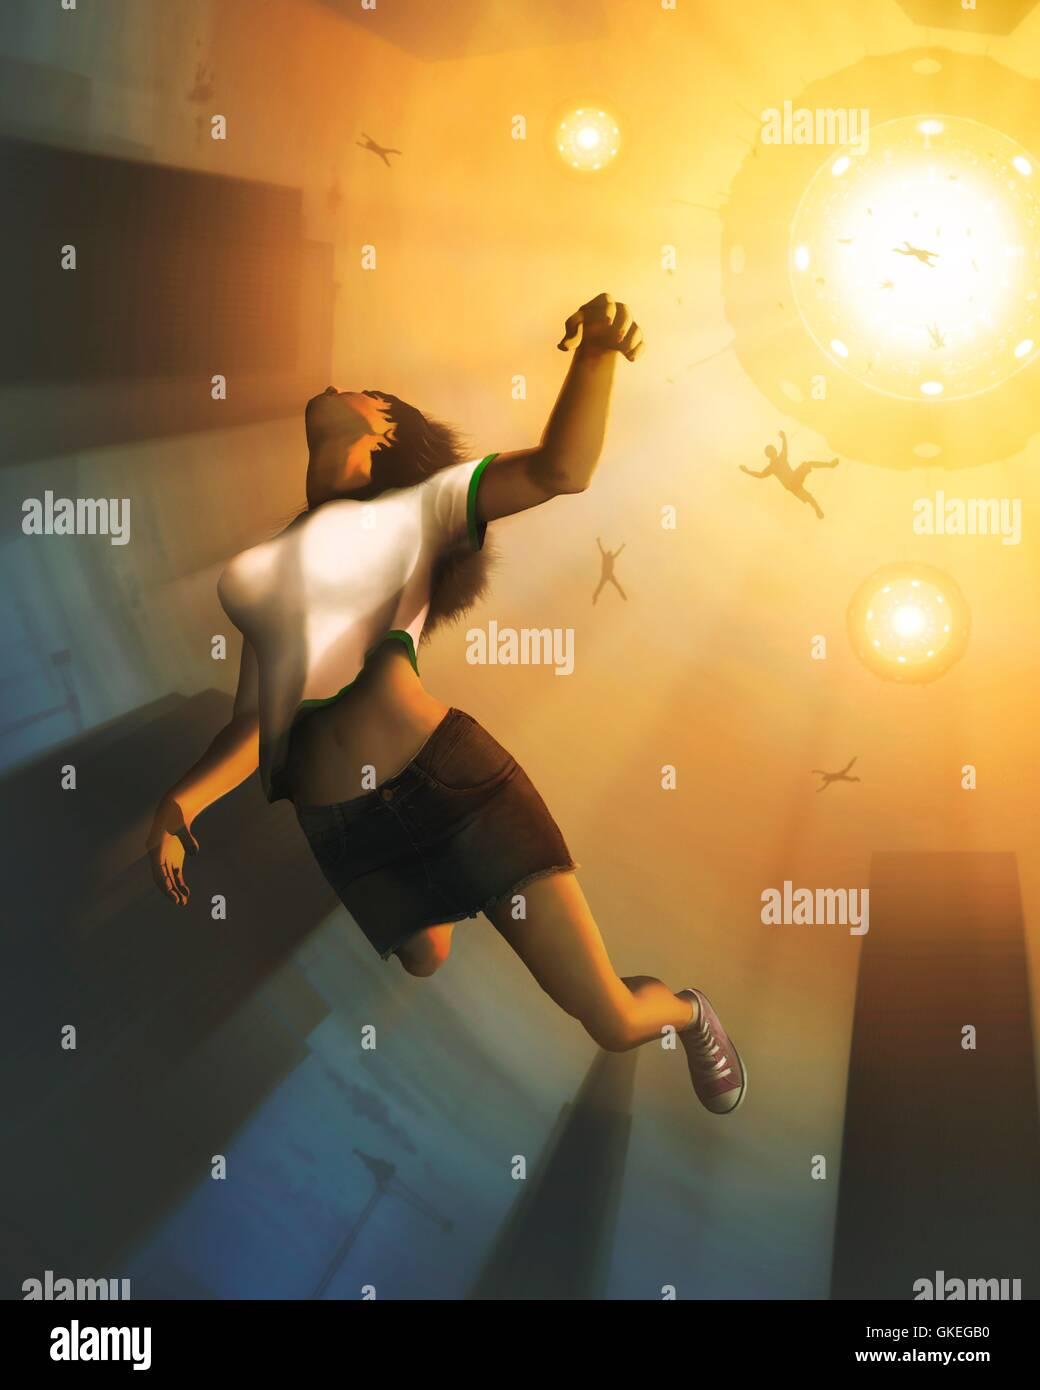 Secuestros extraterrestres. Obra de Arte de un equipo de seres humanos raptados por extraterrestres en un plato Imagen De Stock